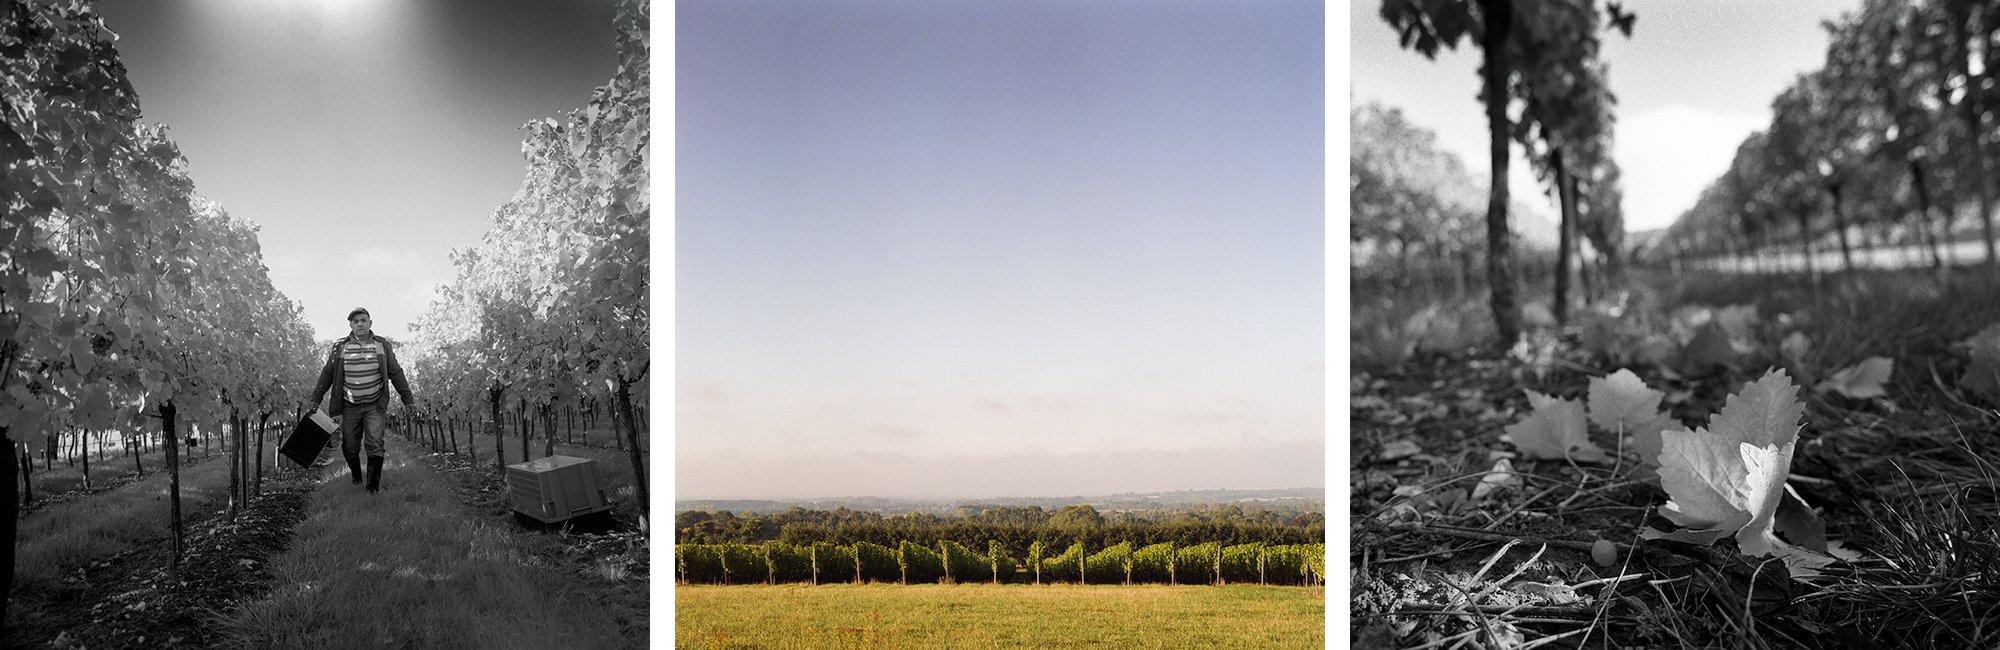 Westwell-Wines-Estate-Header.jpg